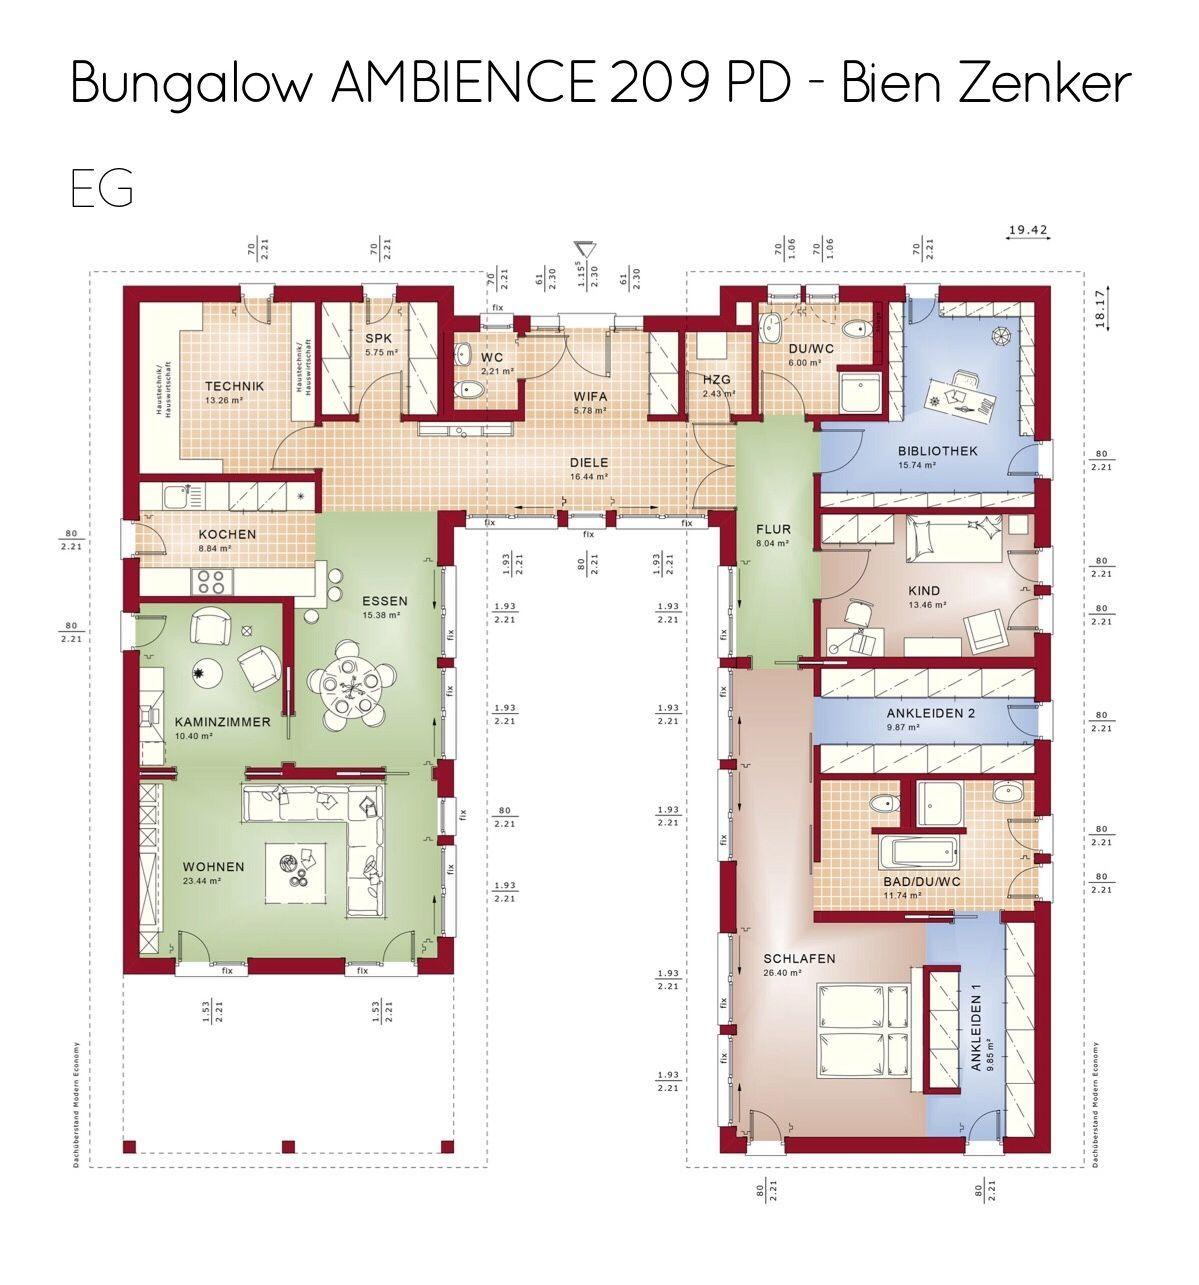 Moderner Bungalow Grundriss mit Innenhof & Pultdach